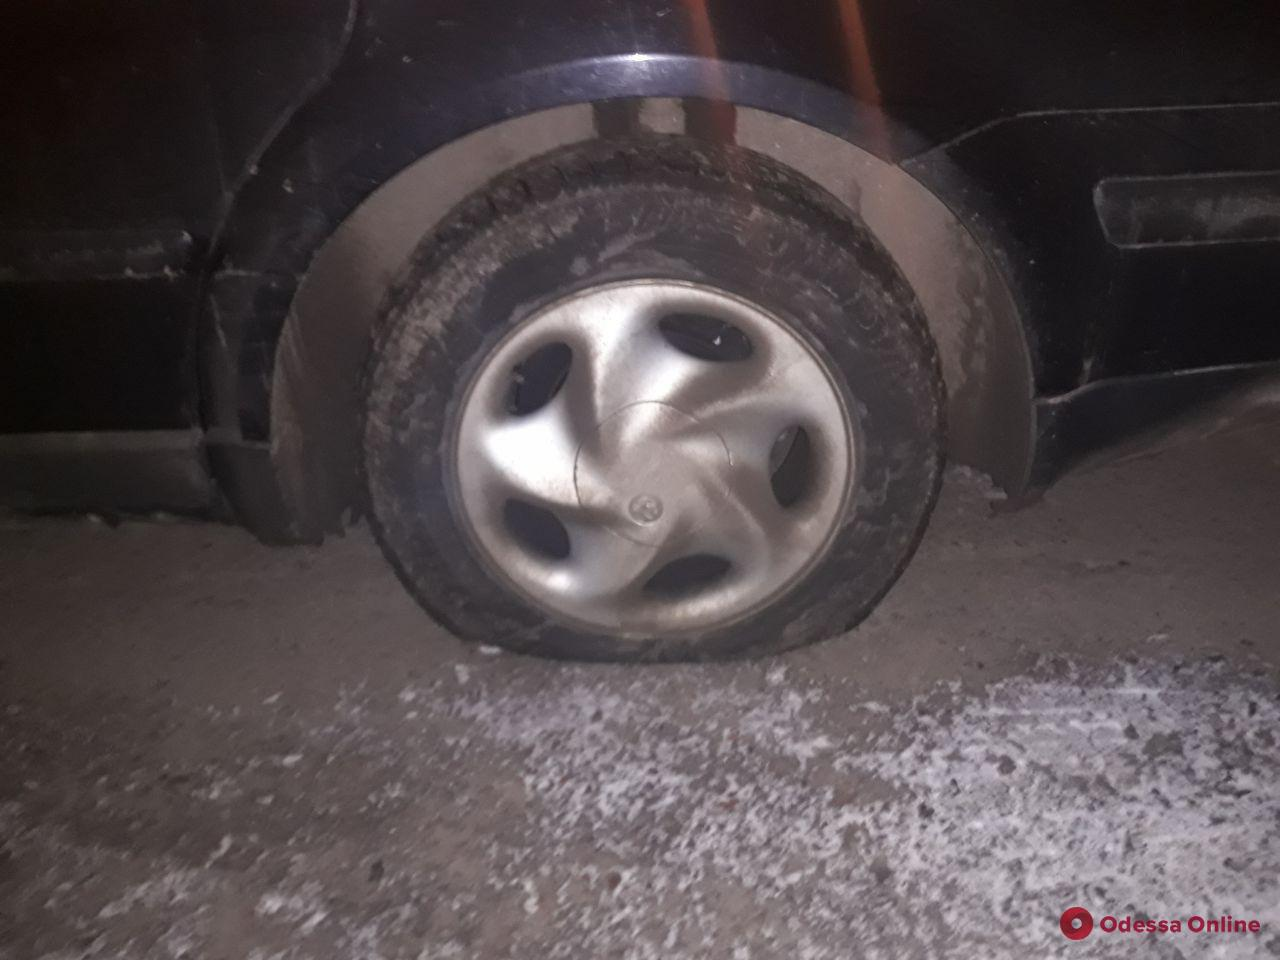 Порезал шины на автомобиле: в центре Одессы задержали пьяного неадеквата